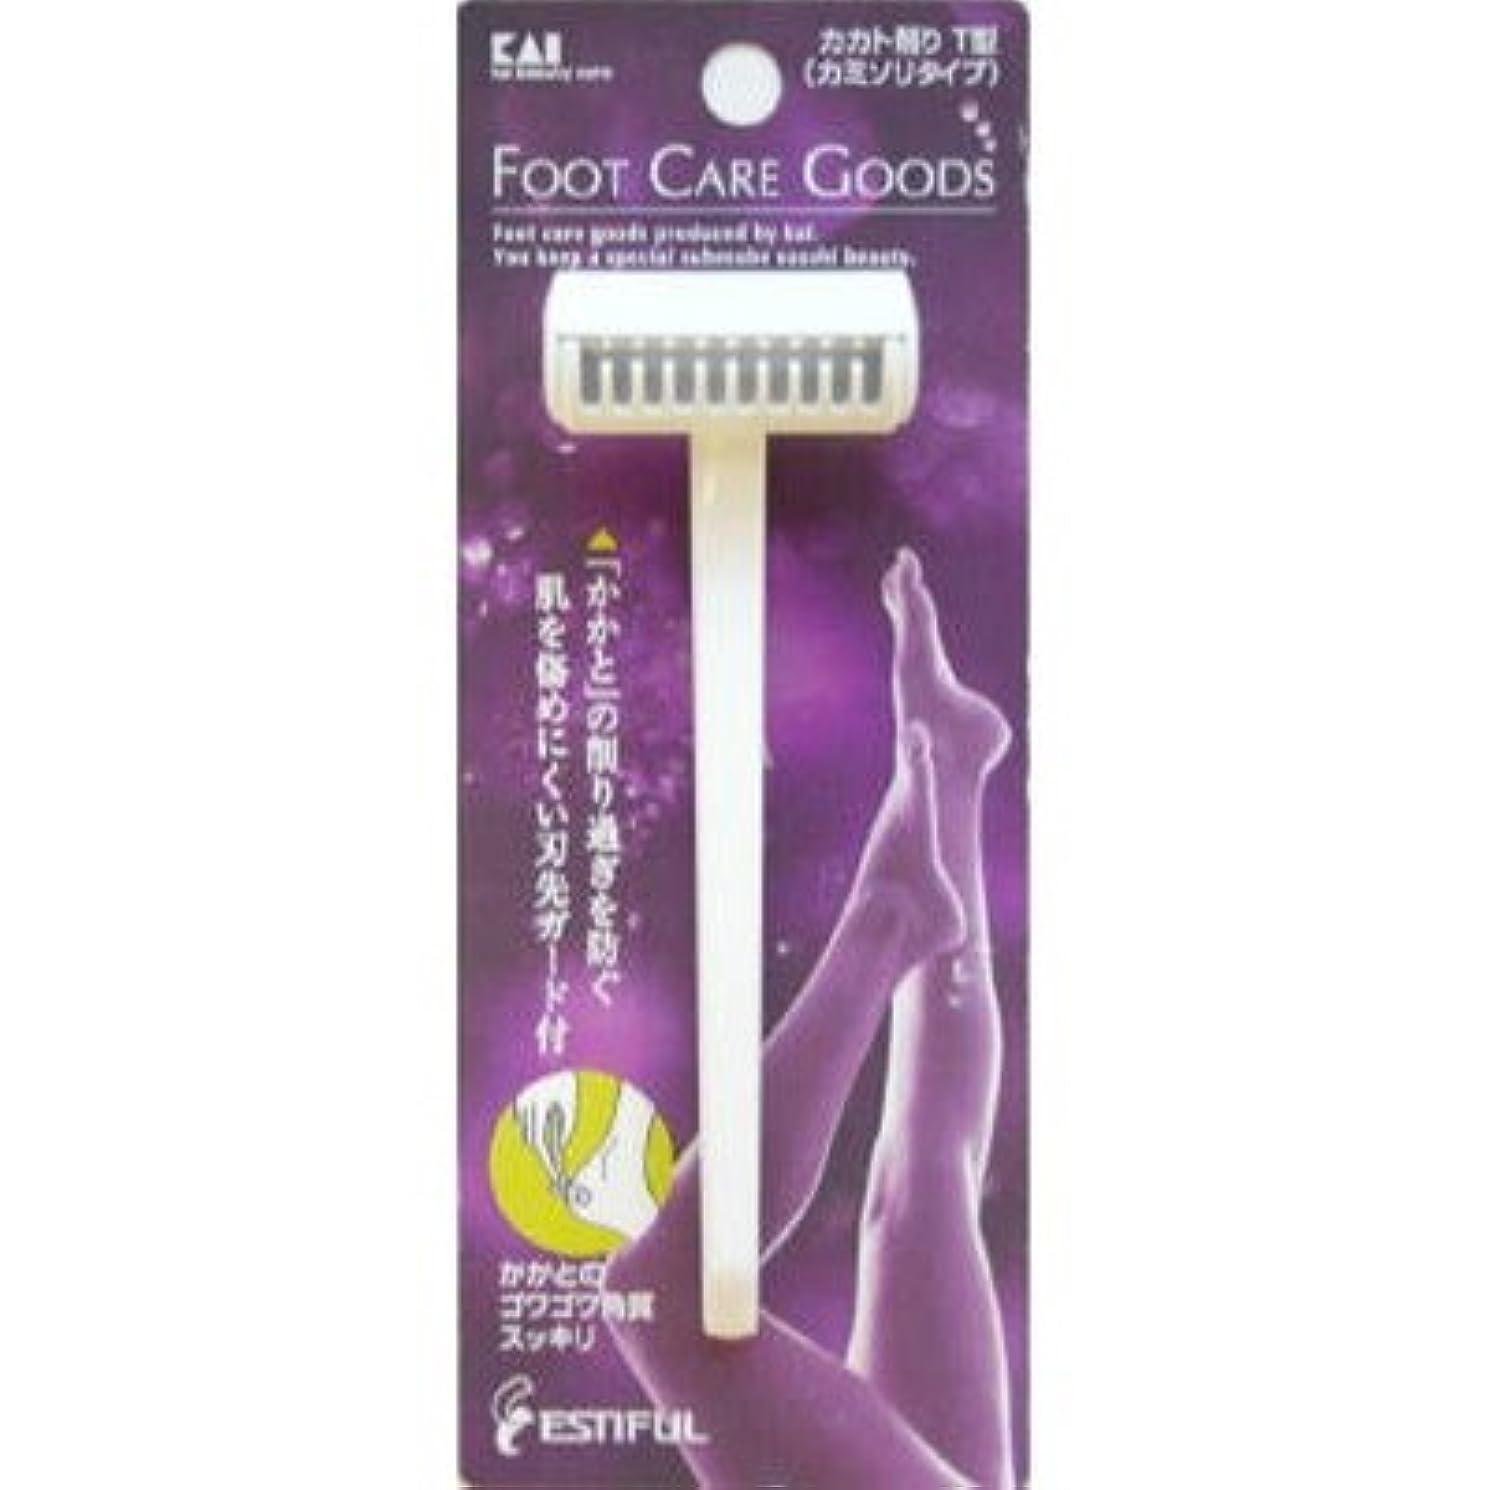 台無しにお嬢浸した貝印HB0305 カカト削りT型(カミソリタイプ)【6個パック】